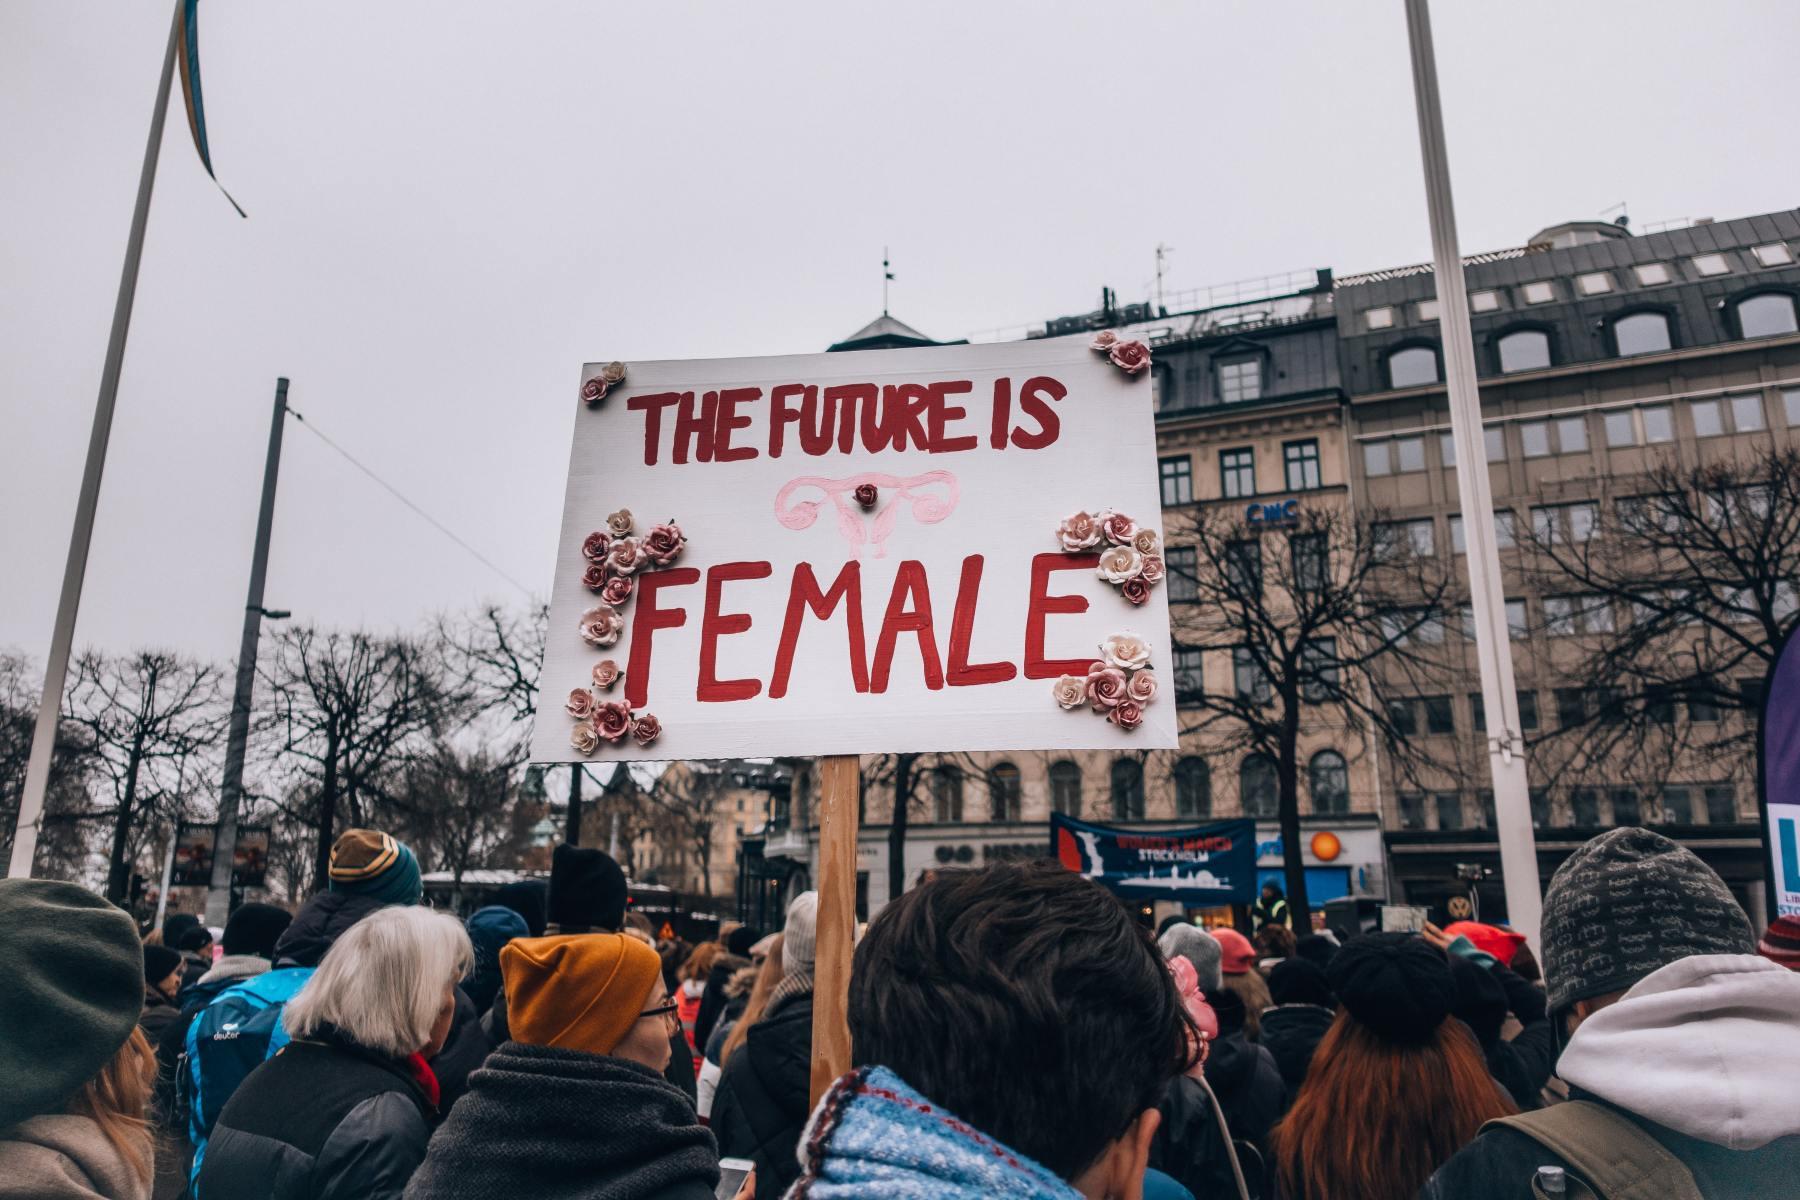 """Pancarte """"The future is female"""" lors d'une manisfestion écoféministe contre les inégalités de genre."""